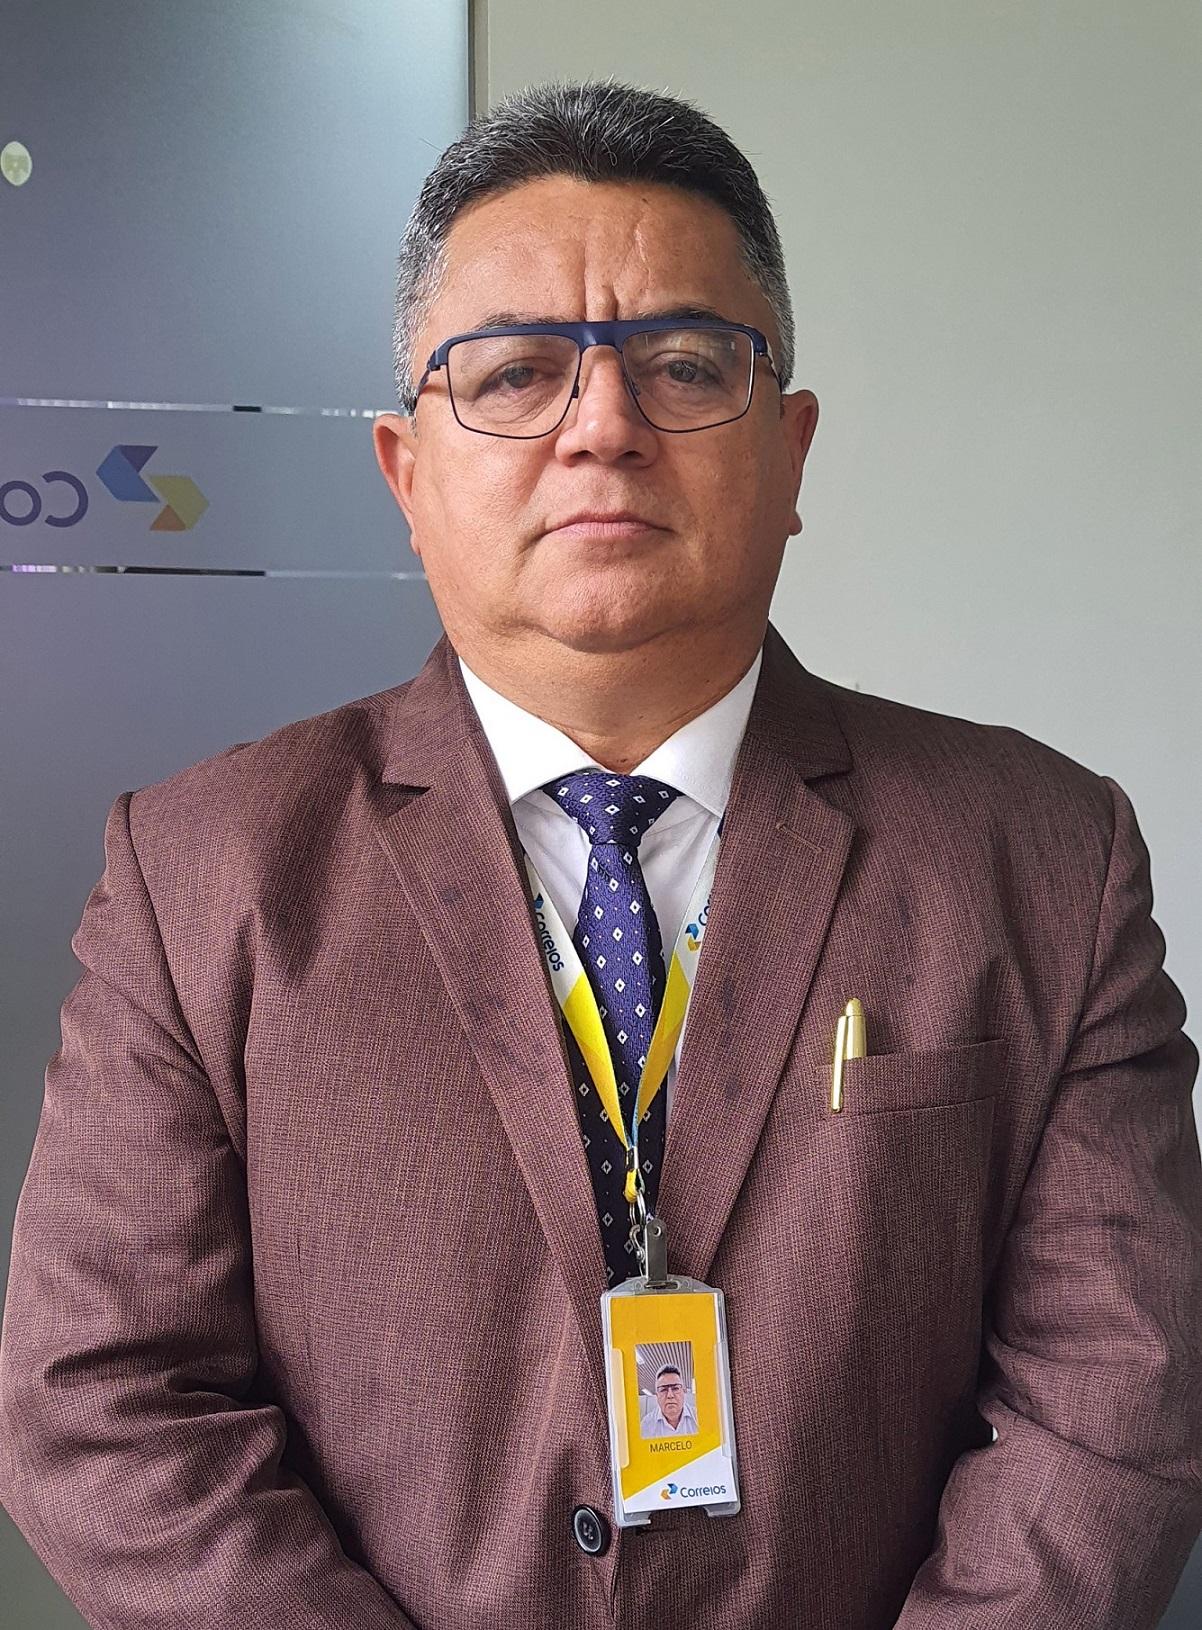 SE/PA - Cristiano Barata